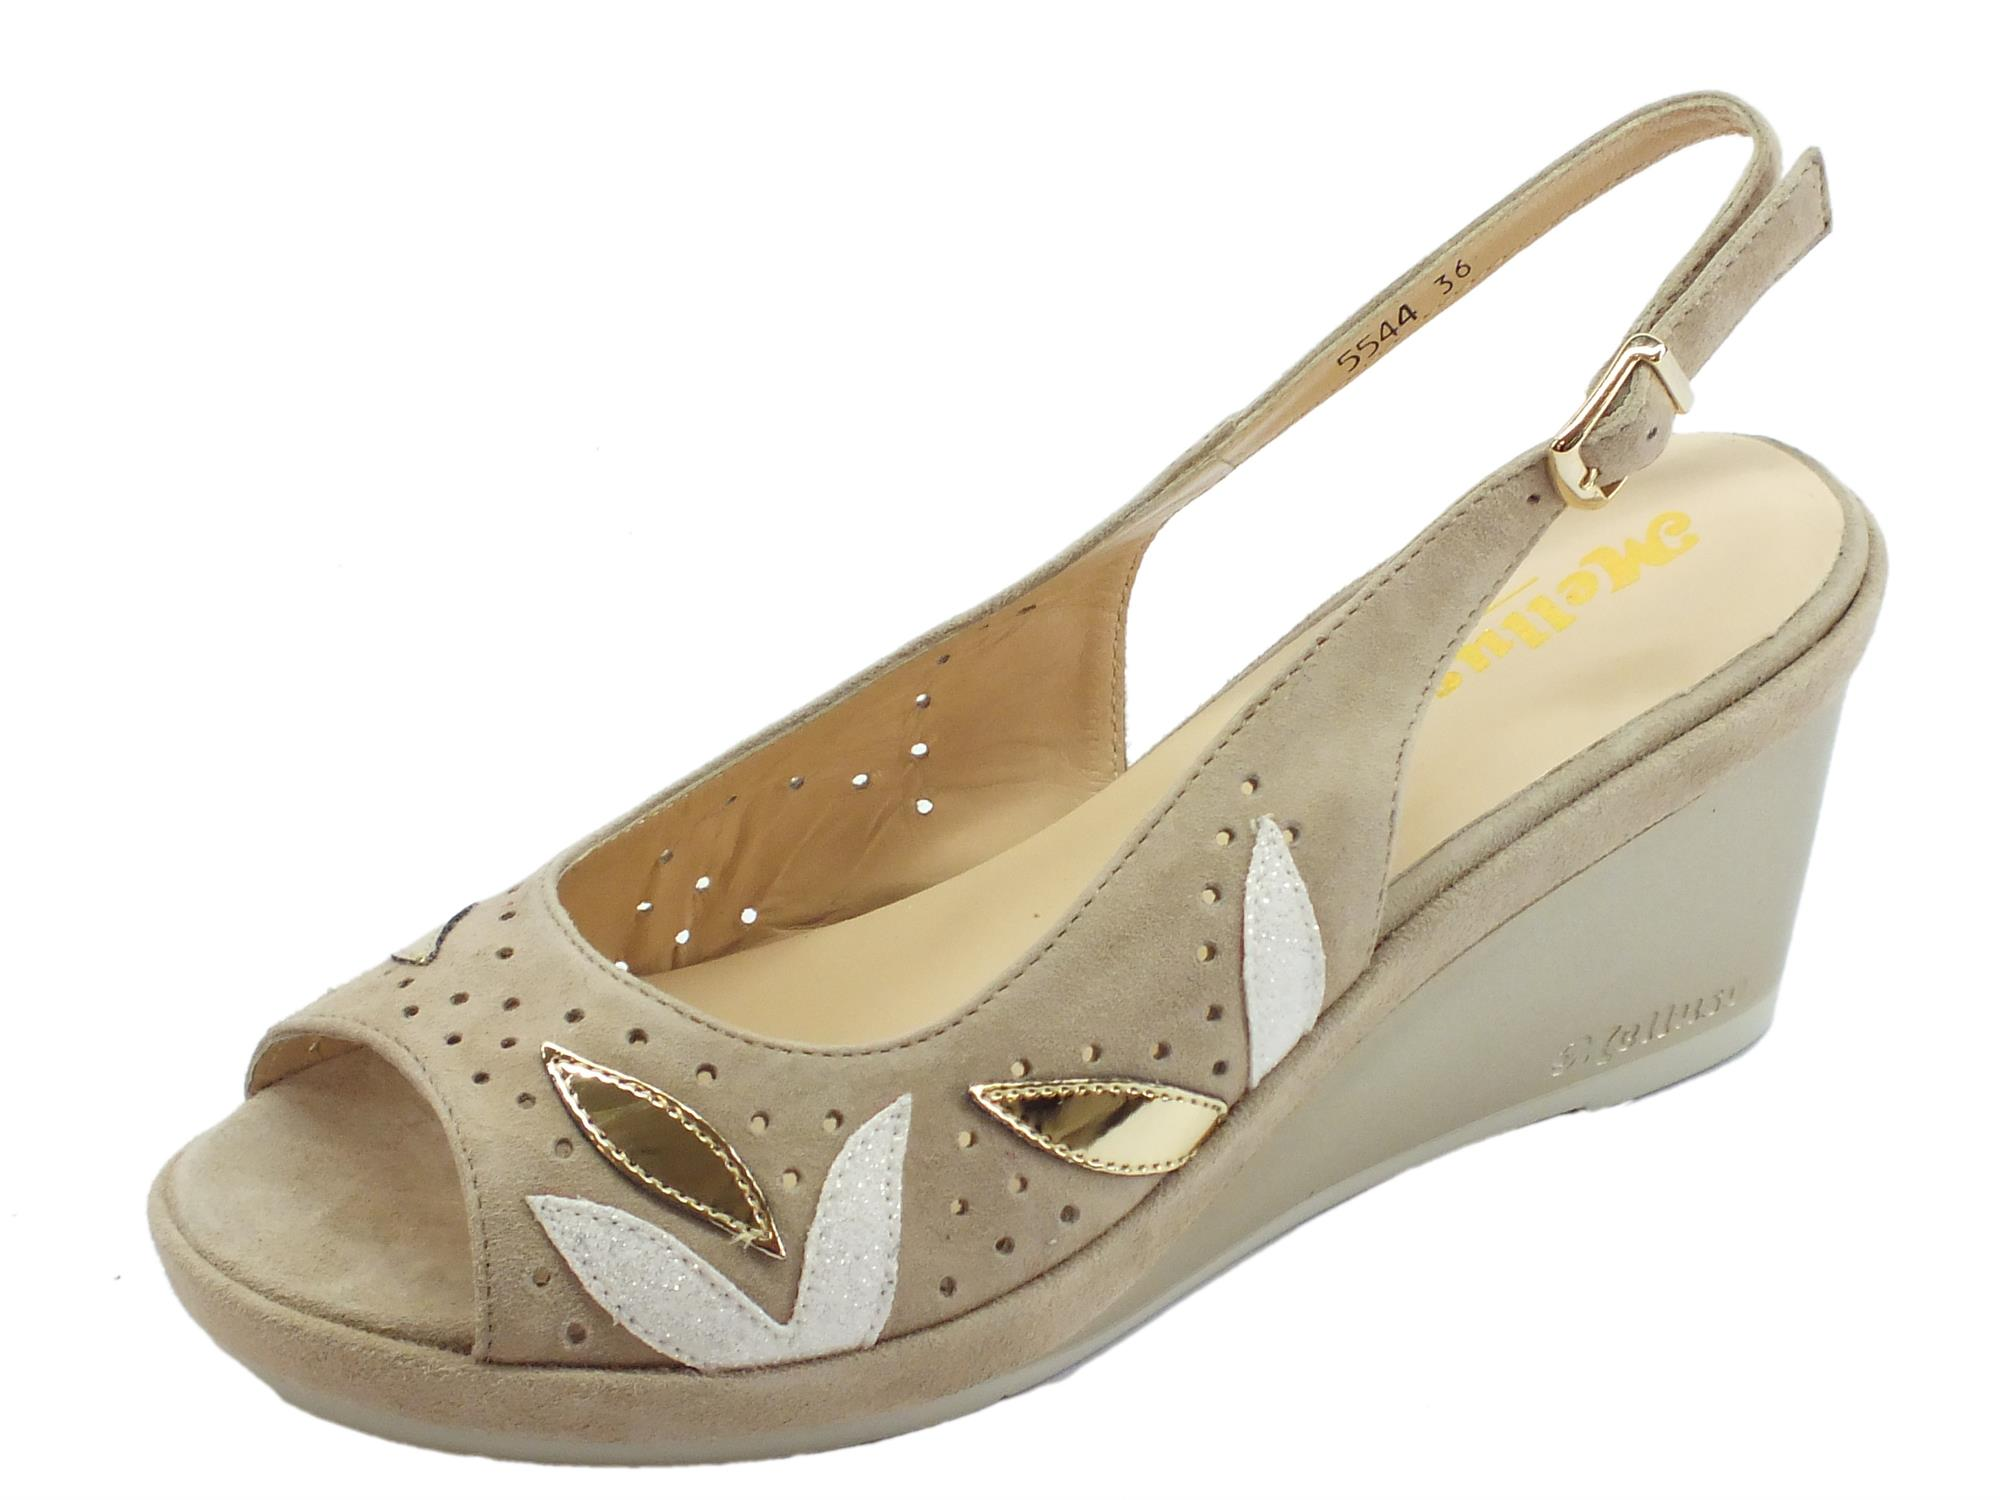 on sale e8199 0db40 Melluso DGiglio sandali zeppa alta per donna in nabuk corda